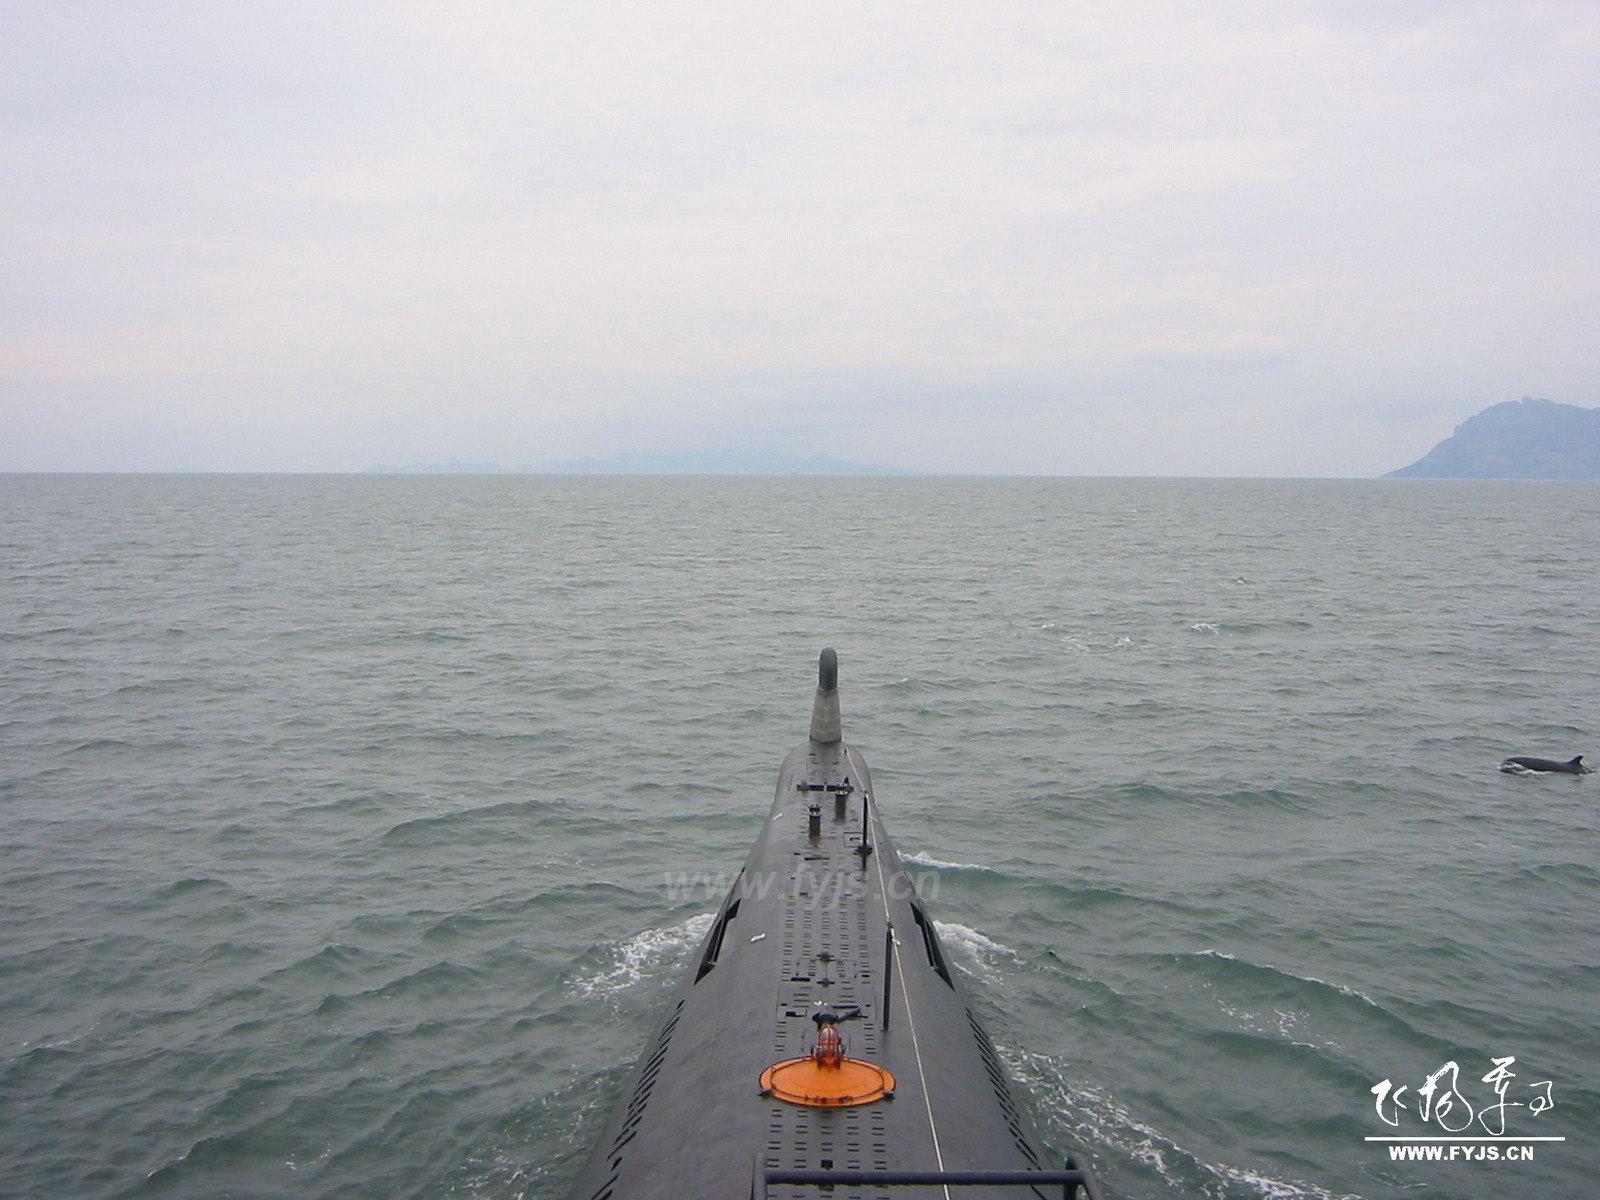 海豚与PLA潜艇同行 (清晰大图)